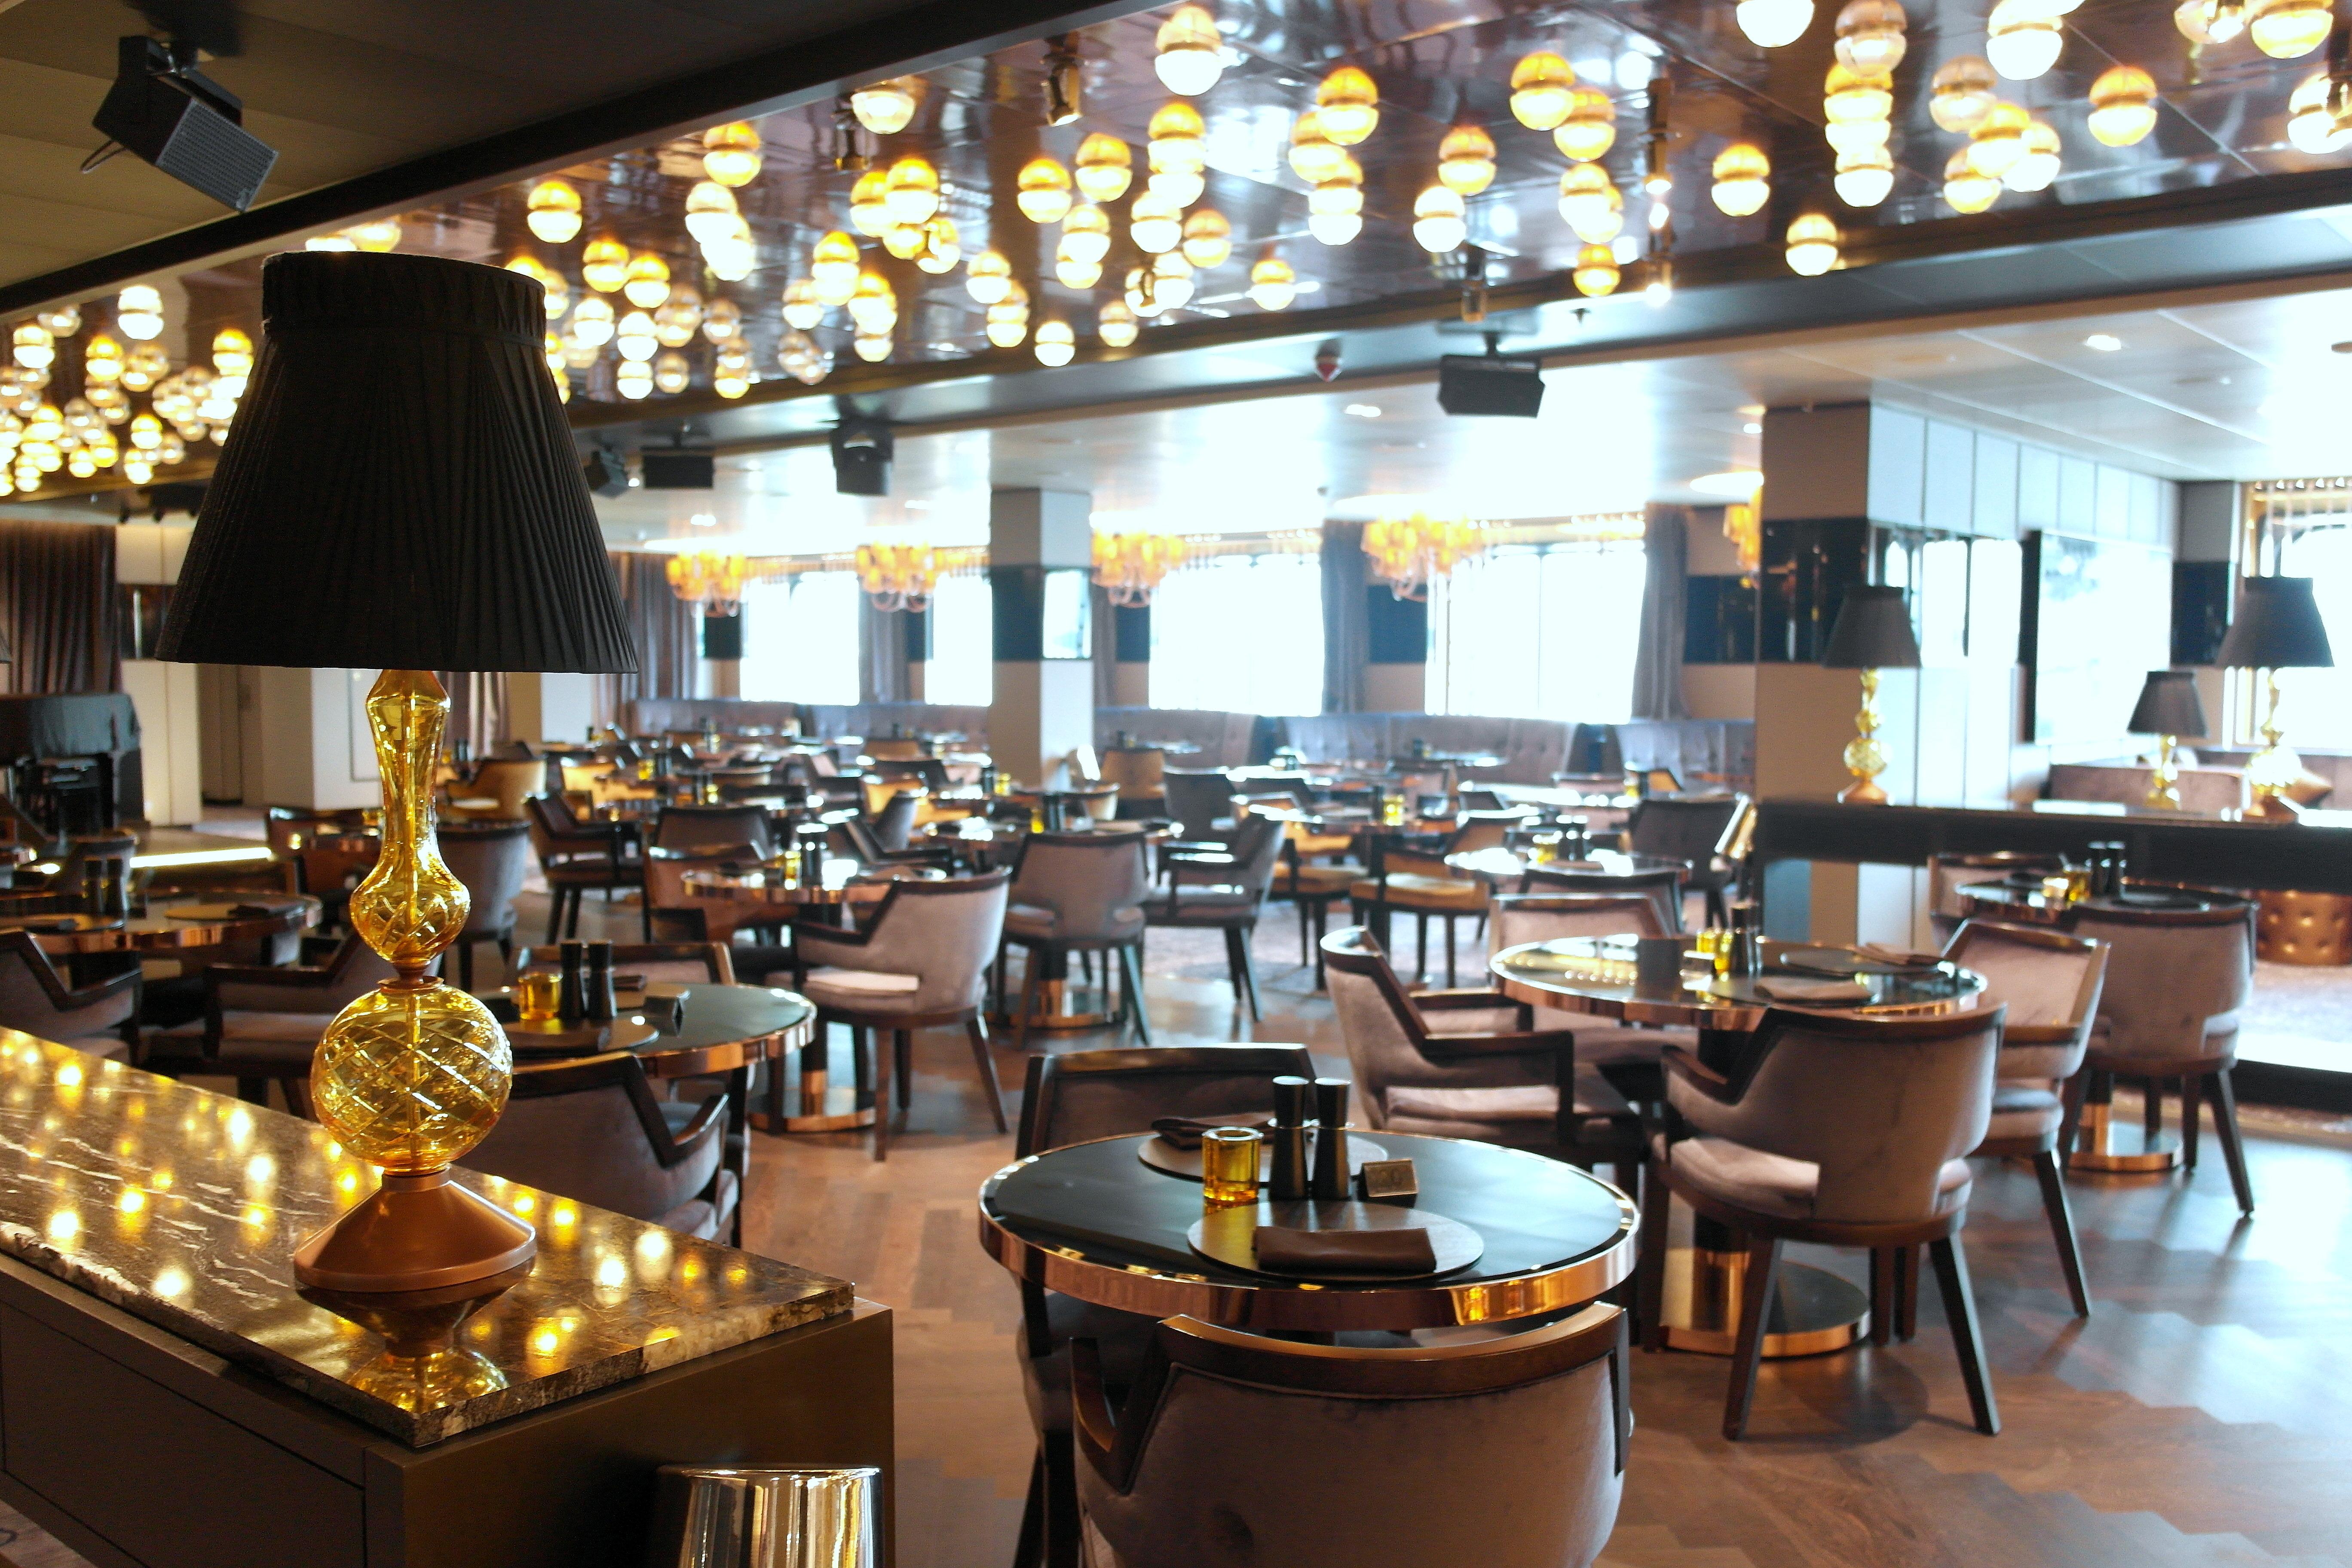 P o britannia a visit cruisetotravel for P o britannia dining rooms